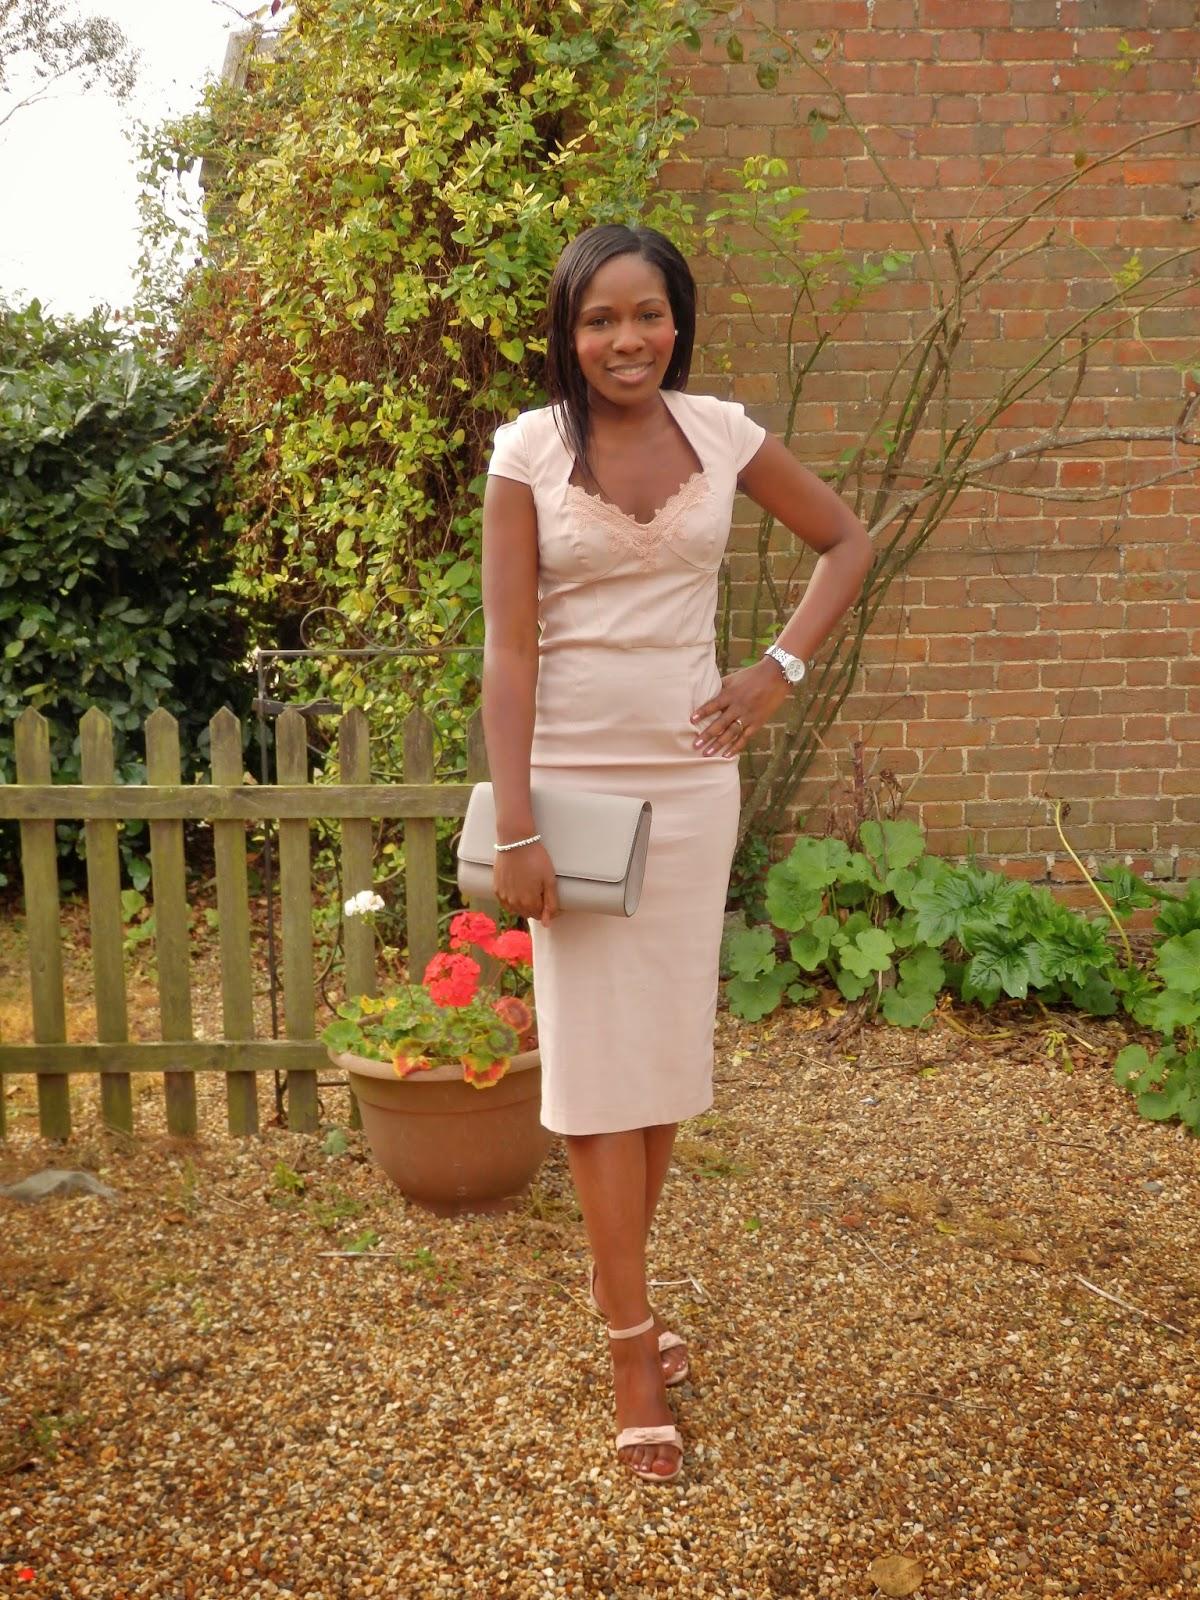 Doyounoah Ootd Wedding Guest Dresses For Tall Girls